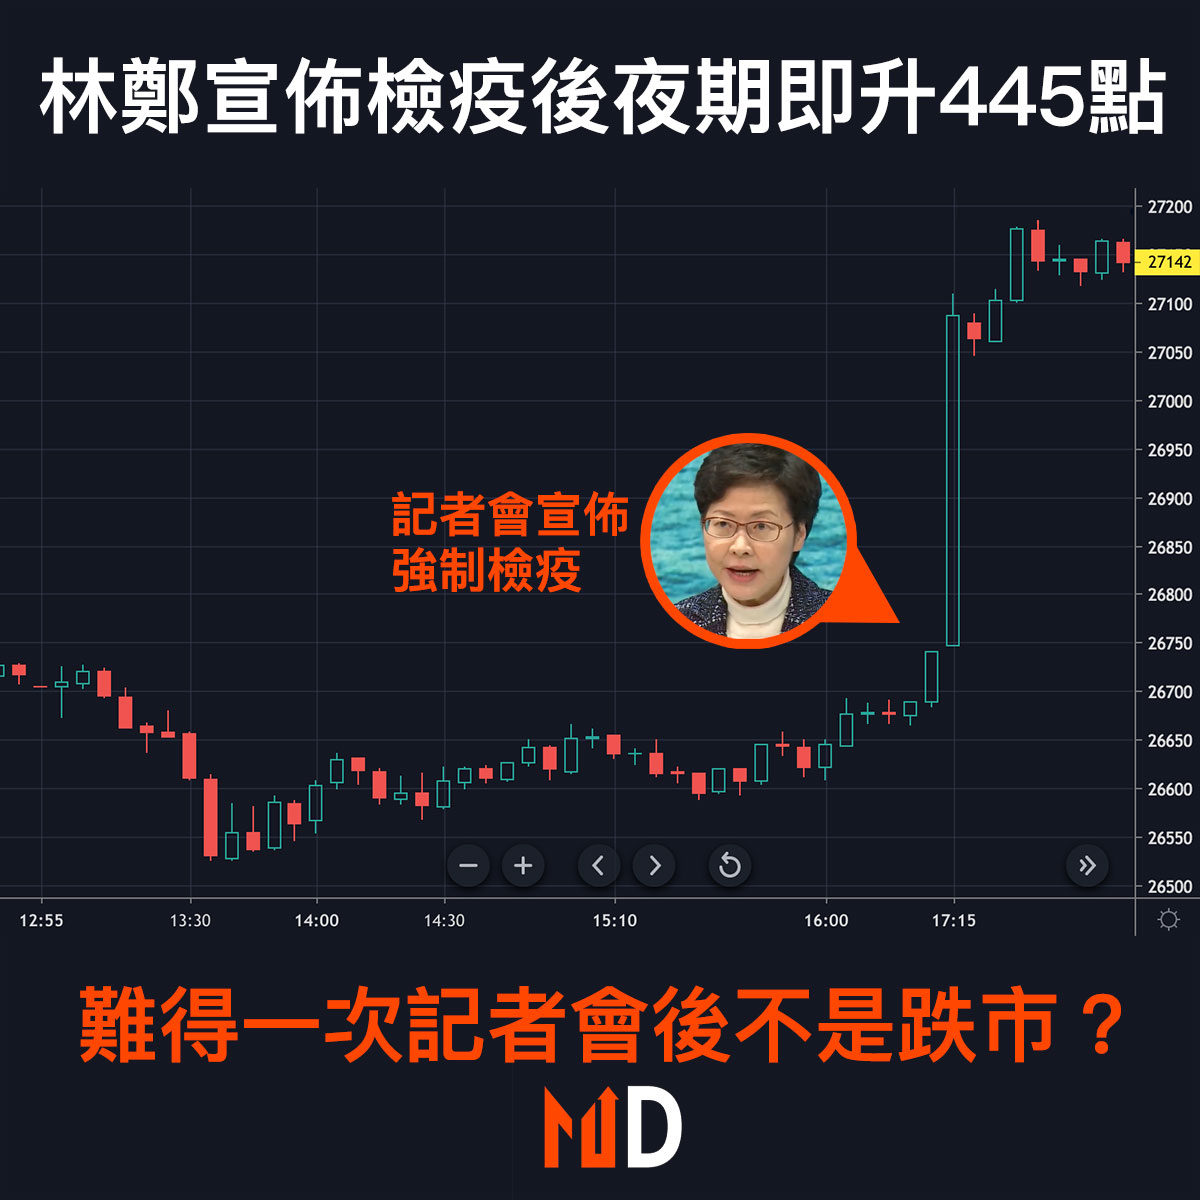 【市場熱話】林鄭宣佈檢疫後夜期即升445點